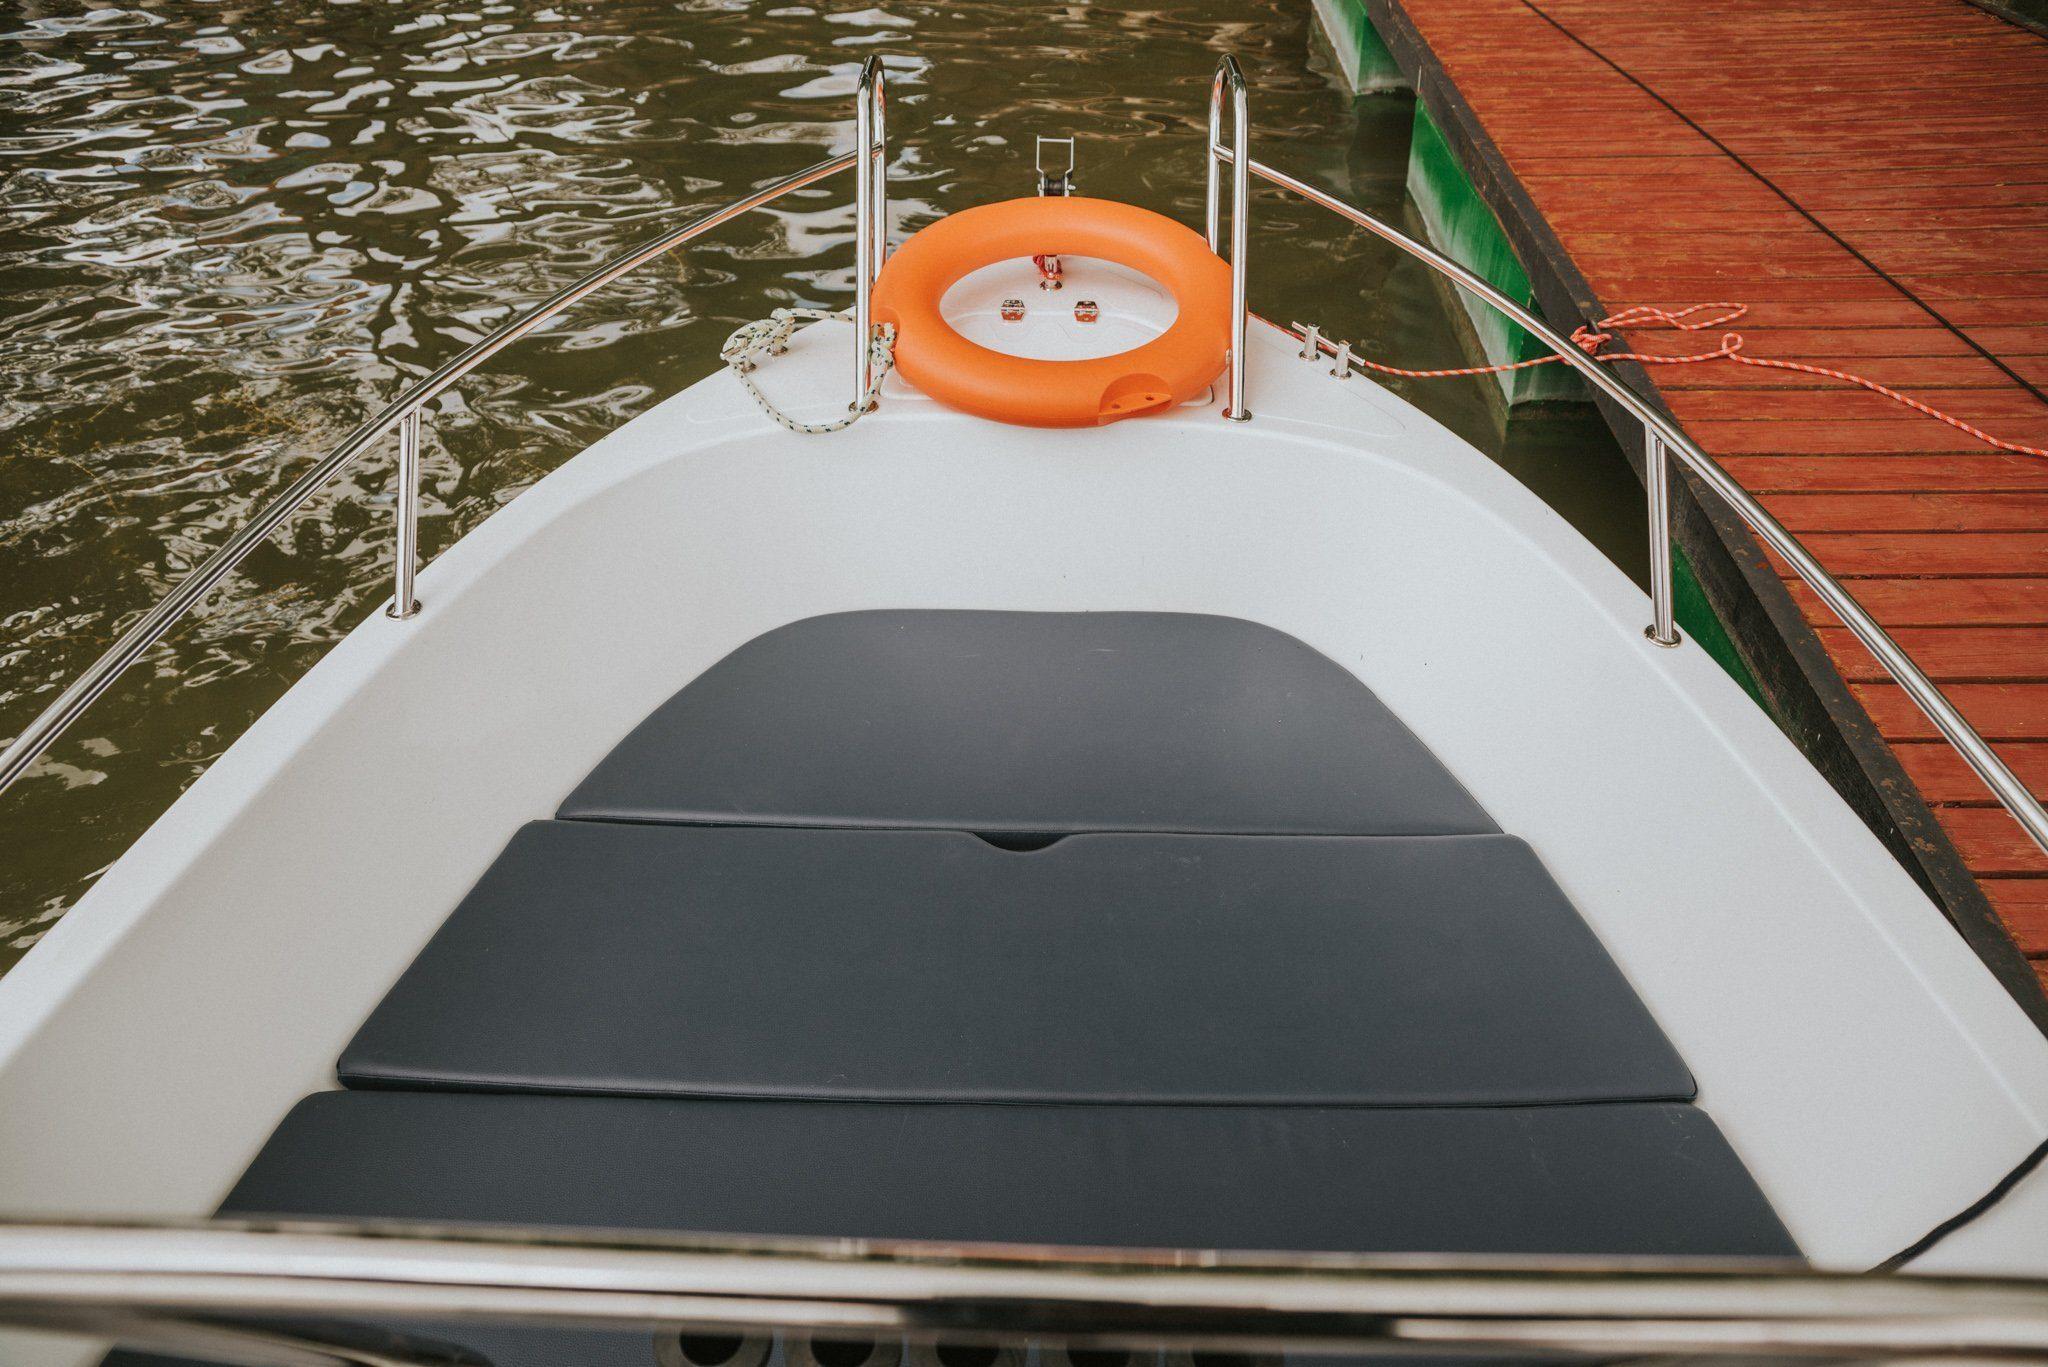 Pokładz łodzi do wynajmu Giżycko